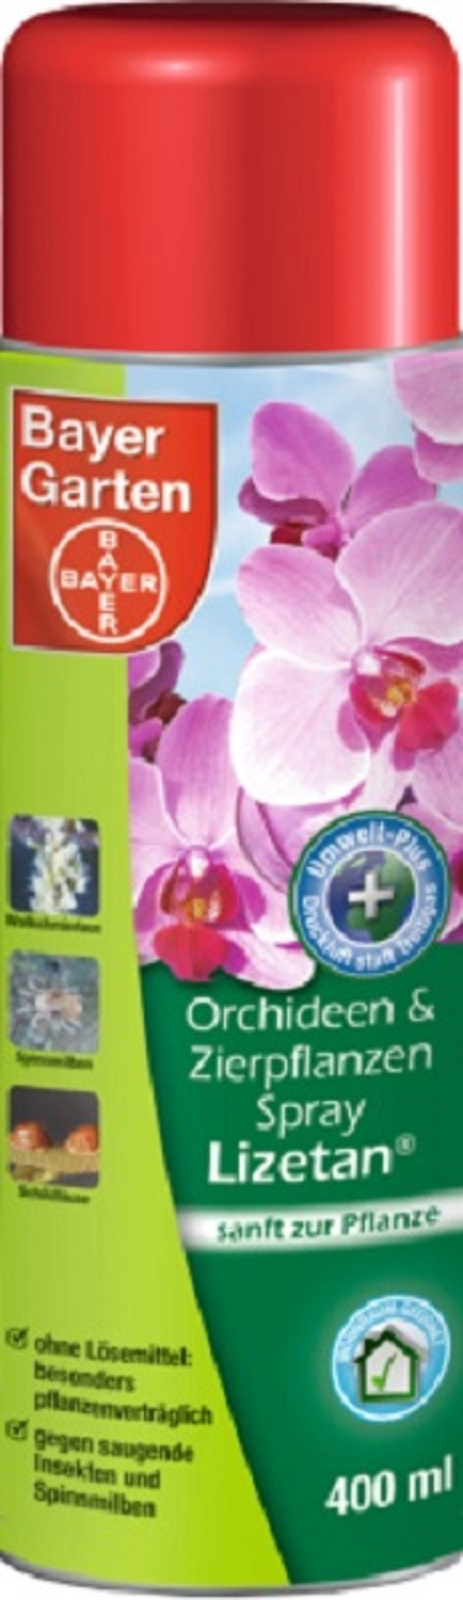 Bayer Orchidee und Zierplanzenspray Lizetan 400 ml